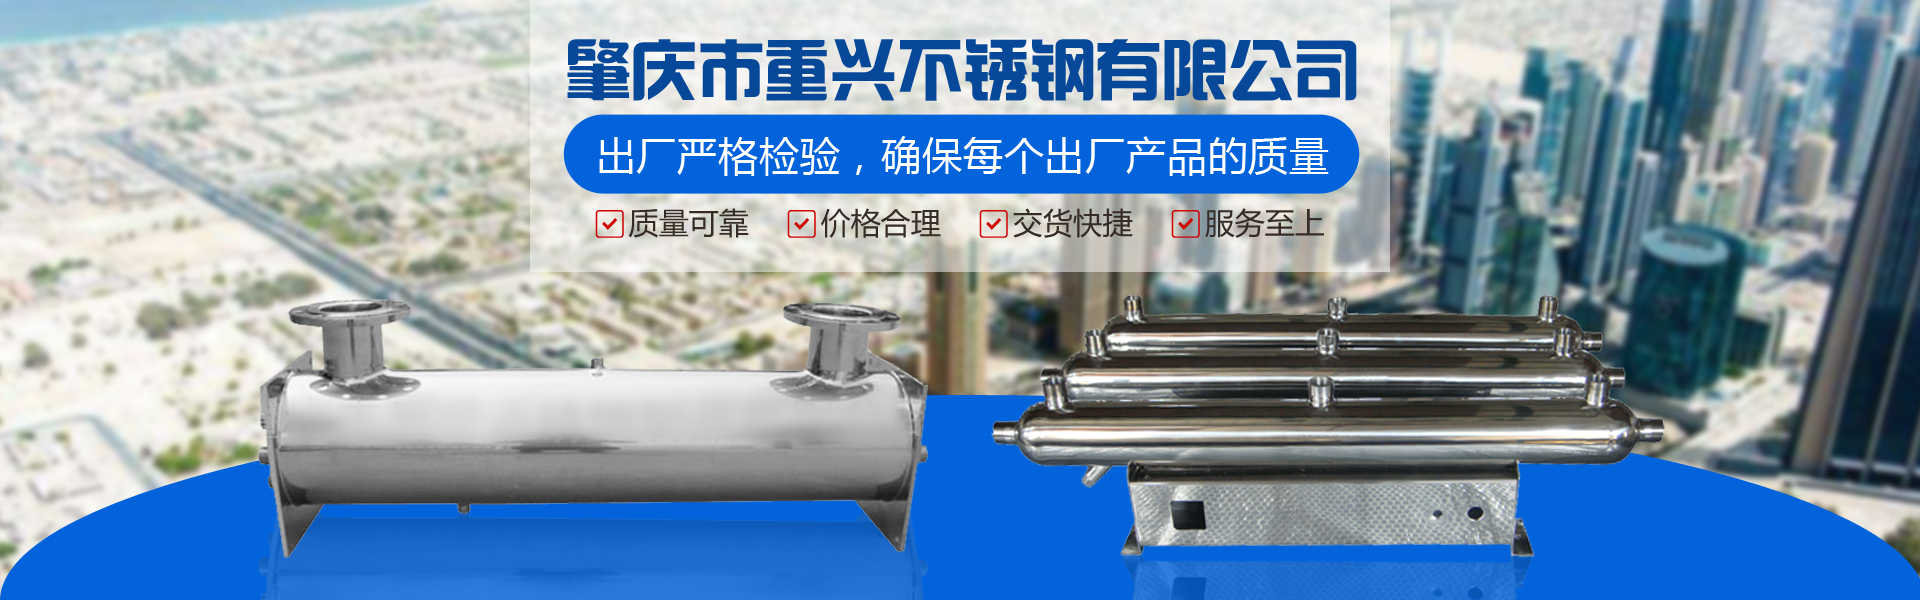 MC赛车平台有限公司专业生产不锈钢集分水器、不锈钢紫外线杀菌器等不锈钢制品。出厂严格检验,确保每个出厂产品的质量。